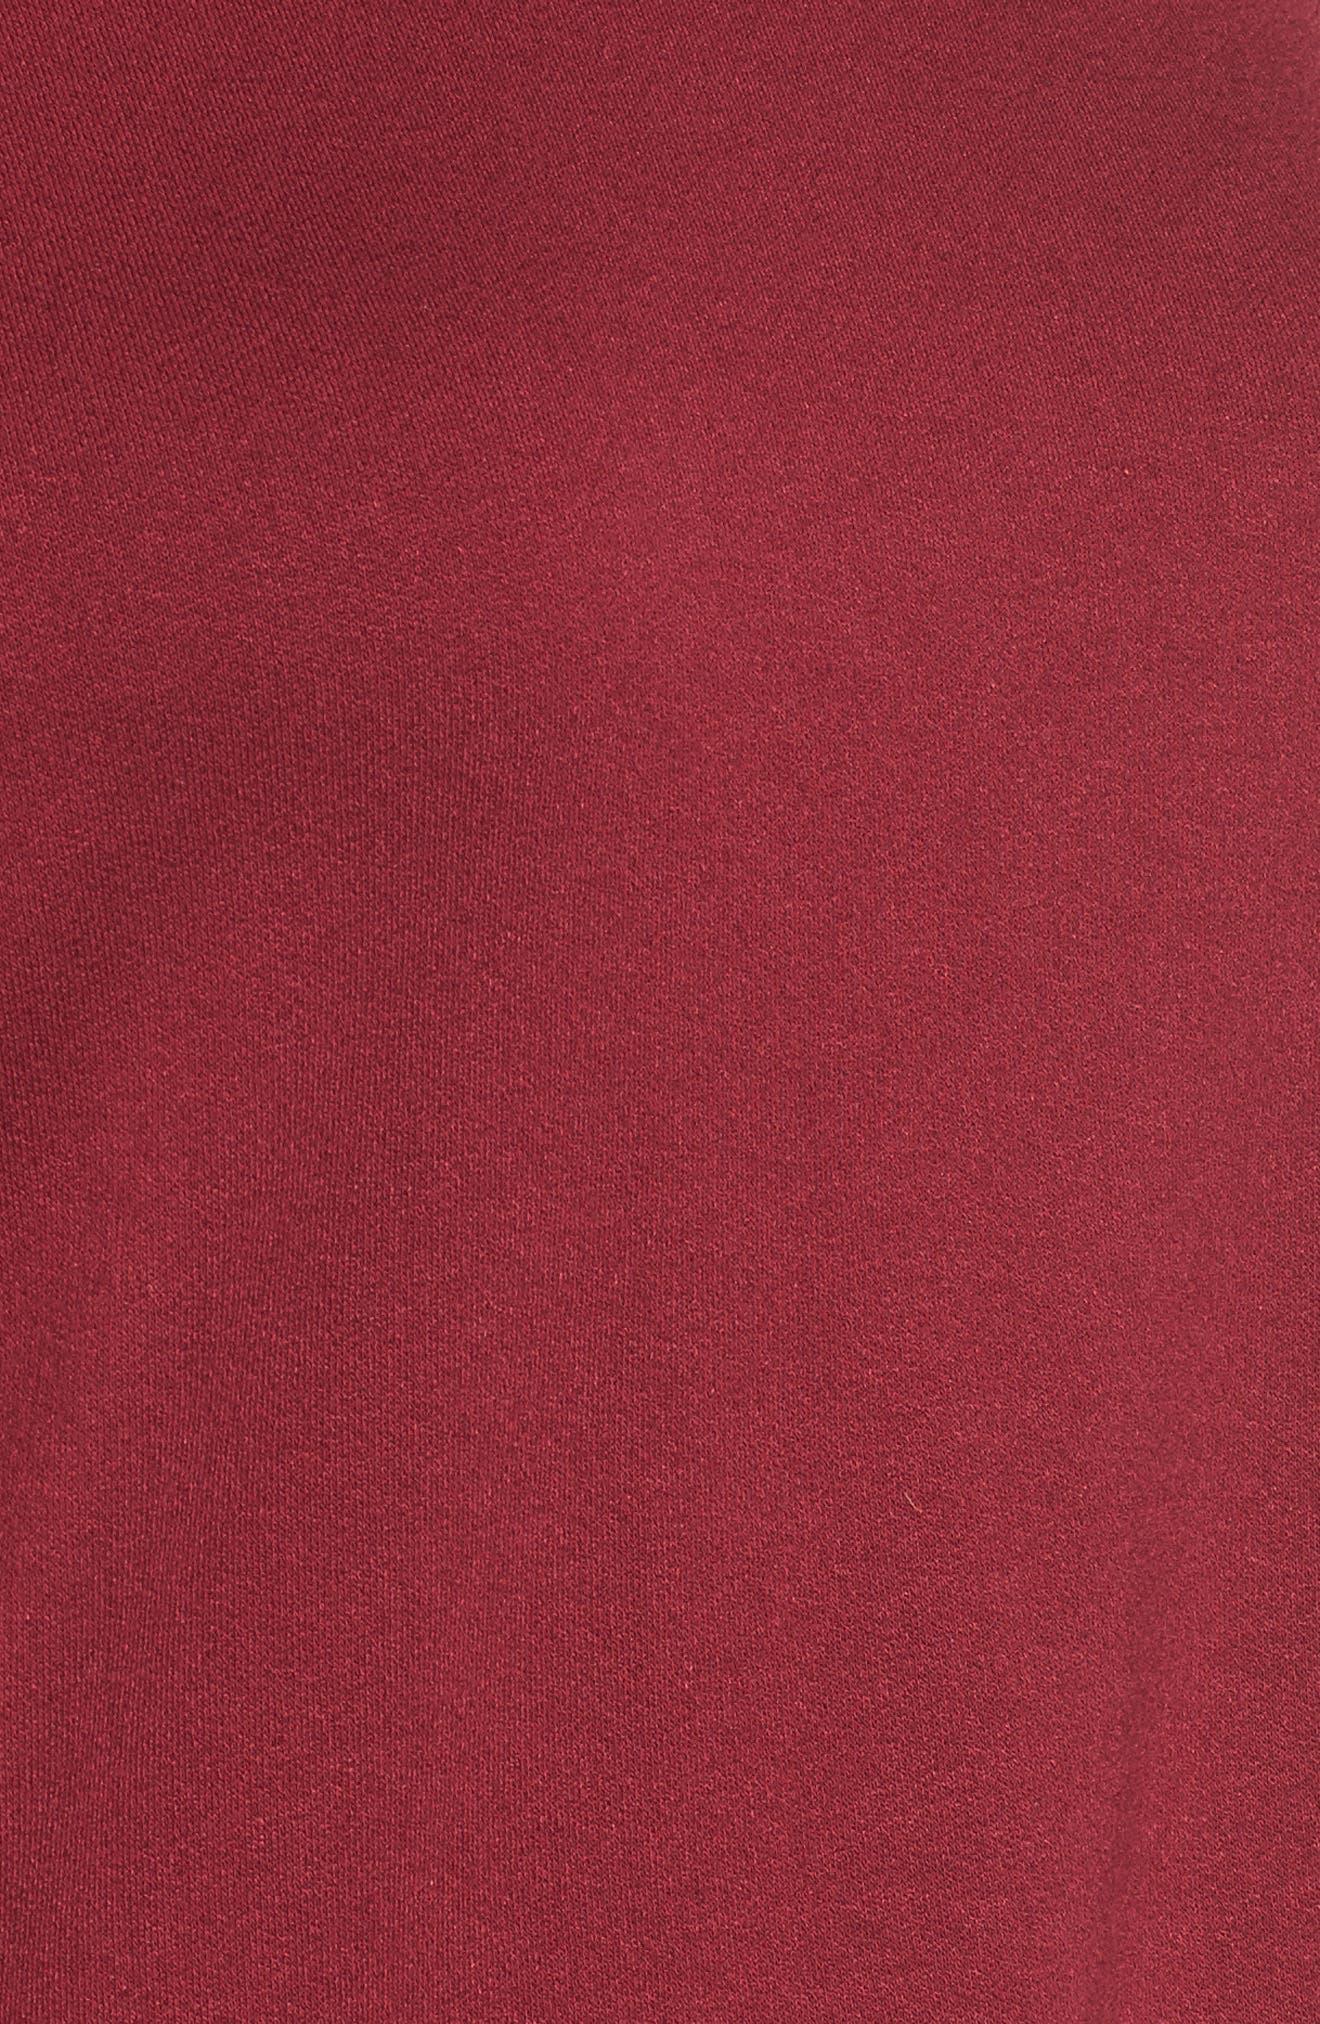 Knit Cold Shoulder Tee,                             Alternate thumbnail 5, color,                             Burgundy